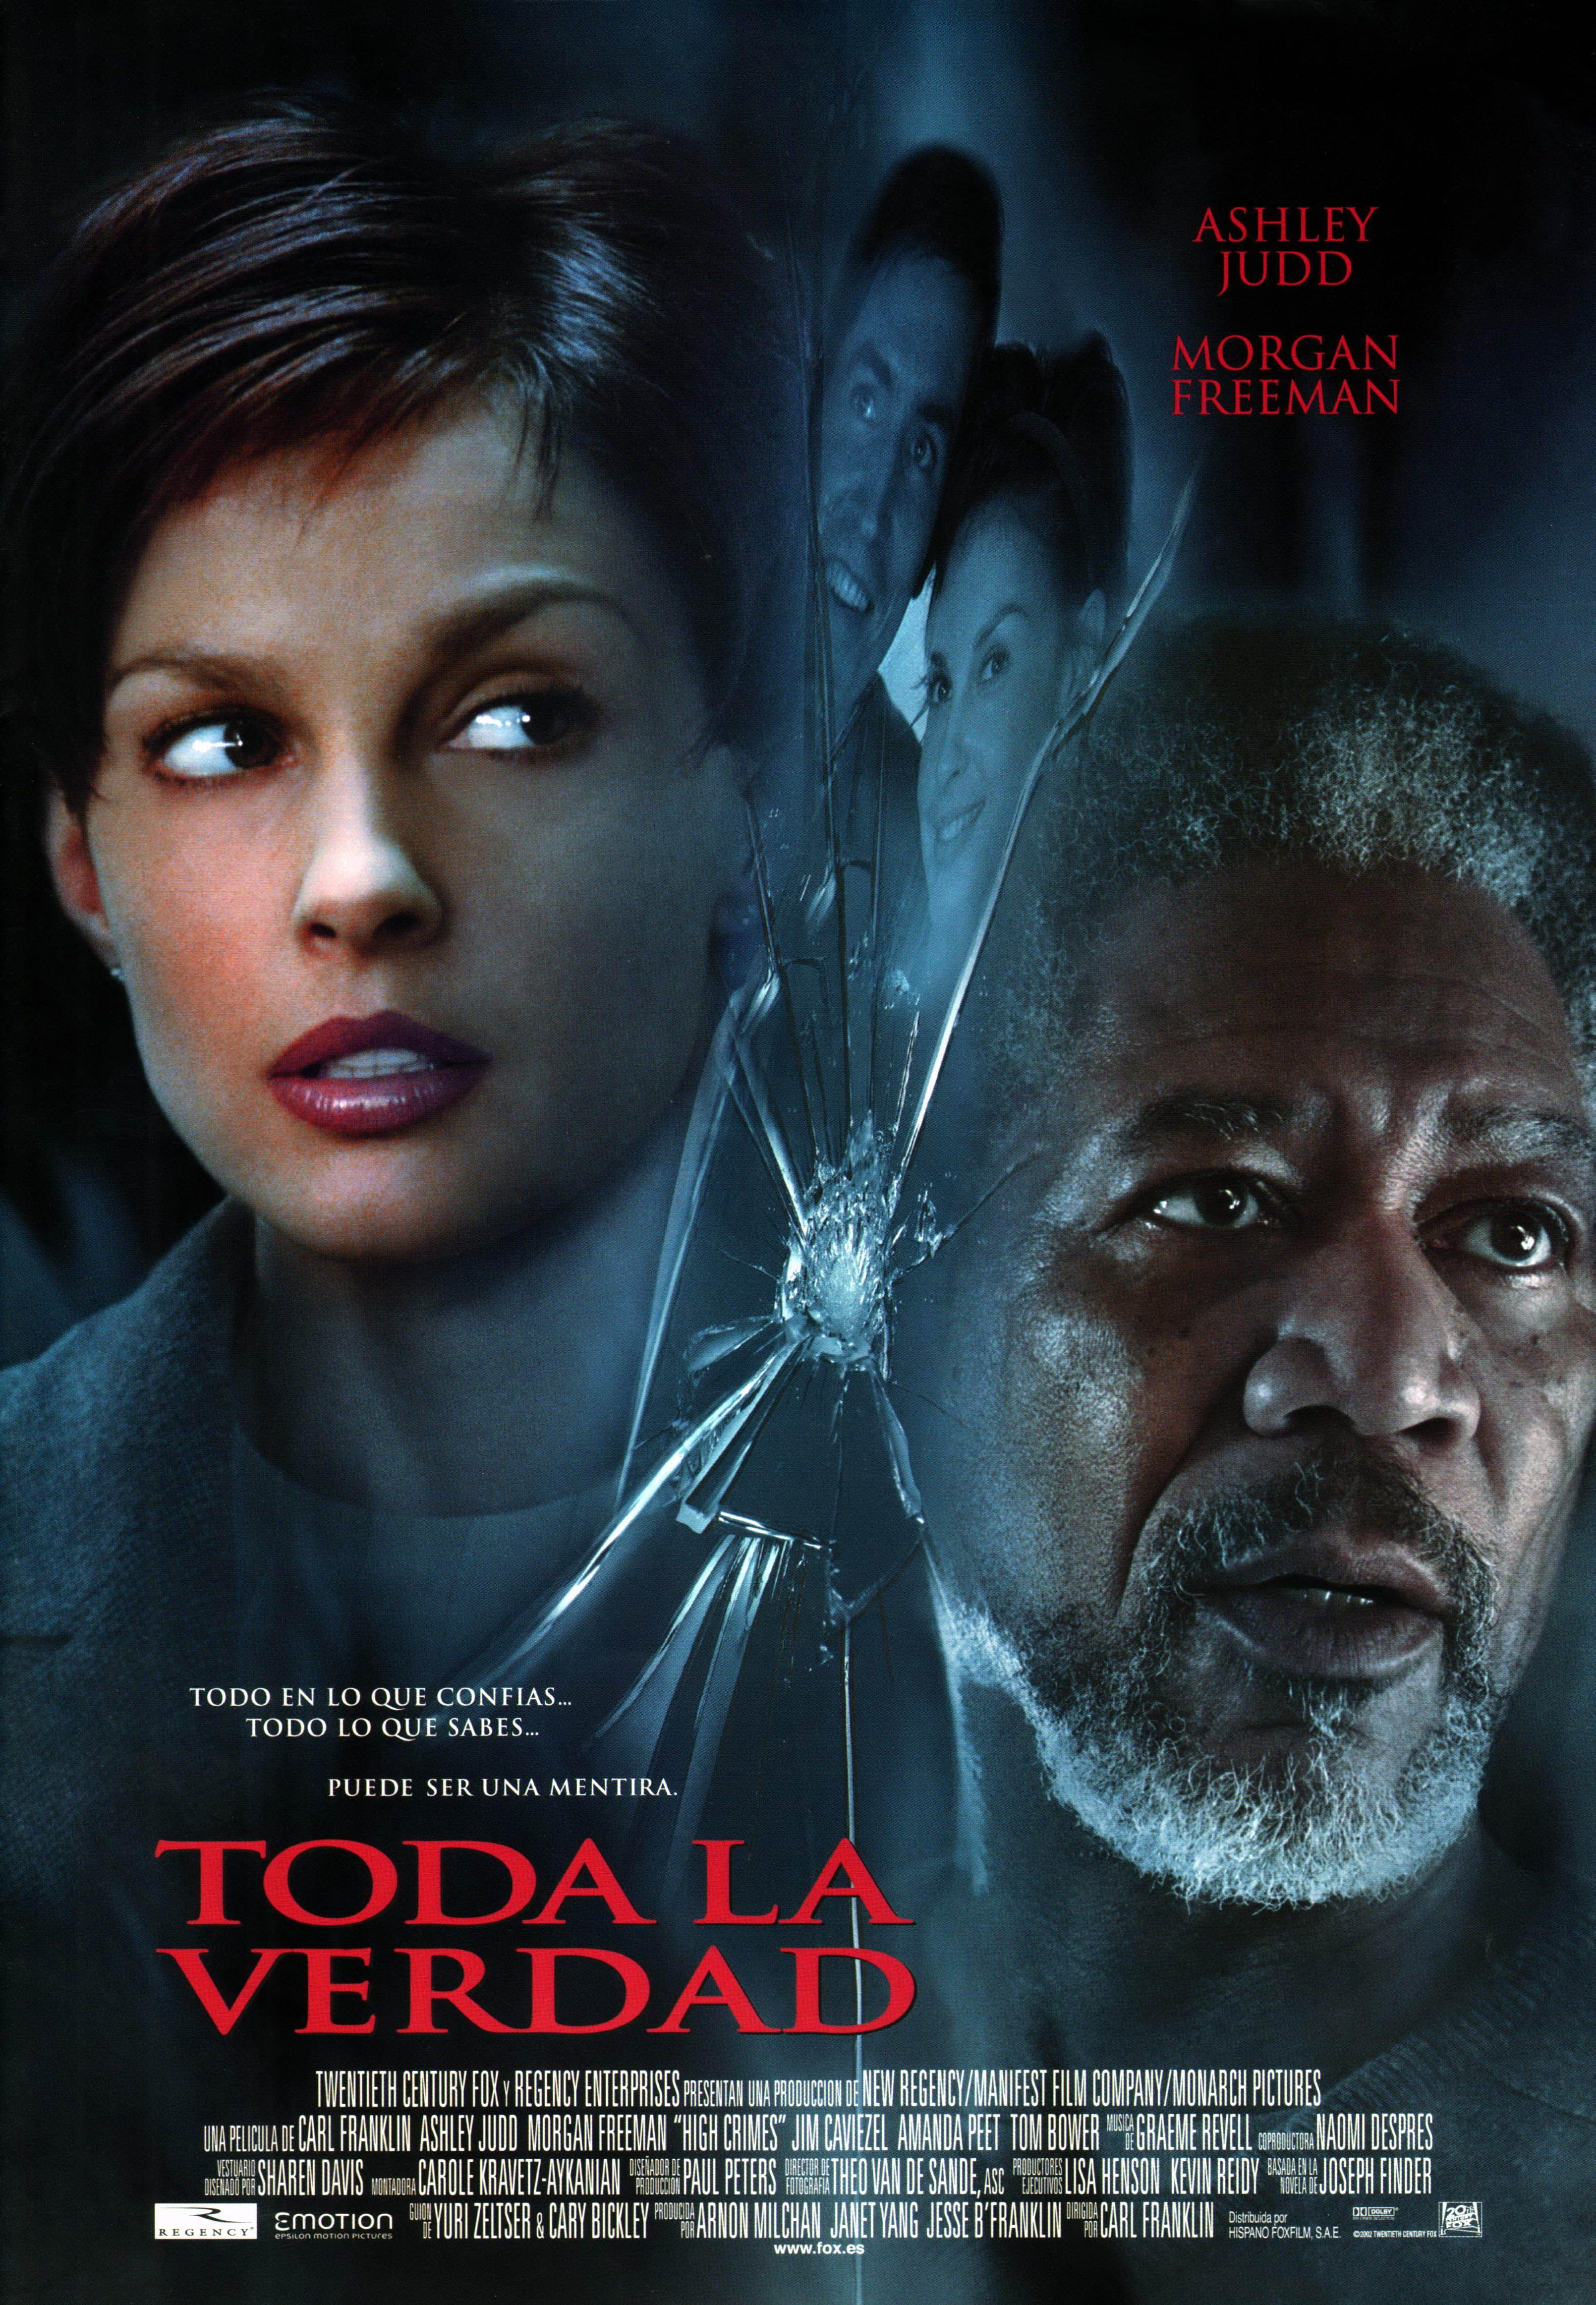 Toda La Verdad High Crimes Peliculas Peliculas Cine Películas Completas